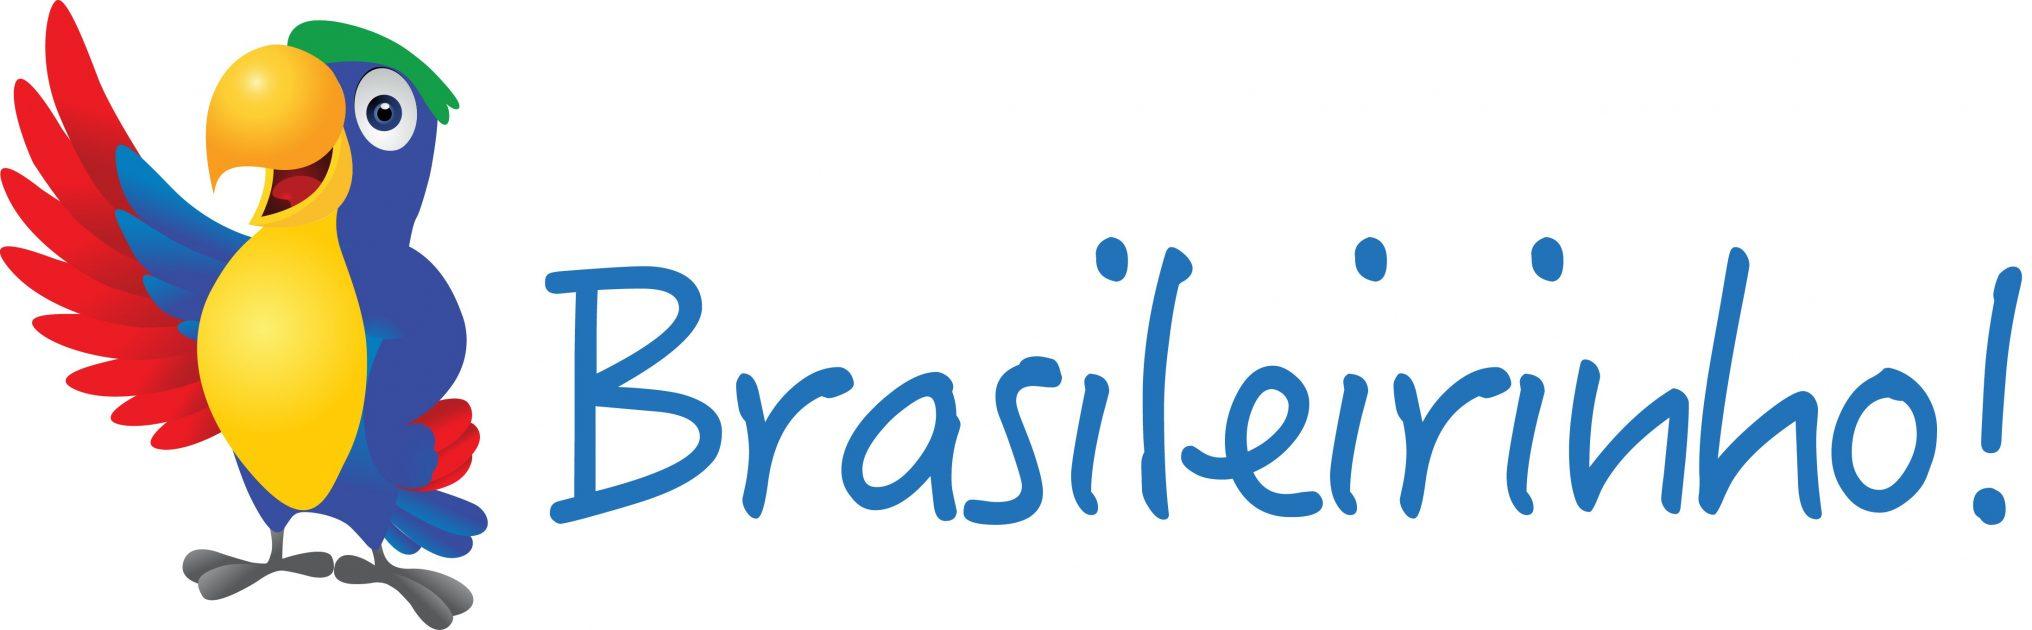 Brasileirinho anuncia nova plataforma de Website